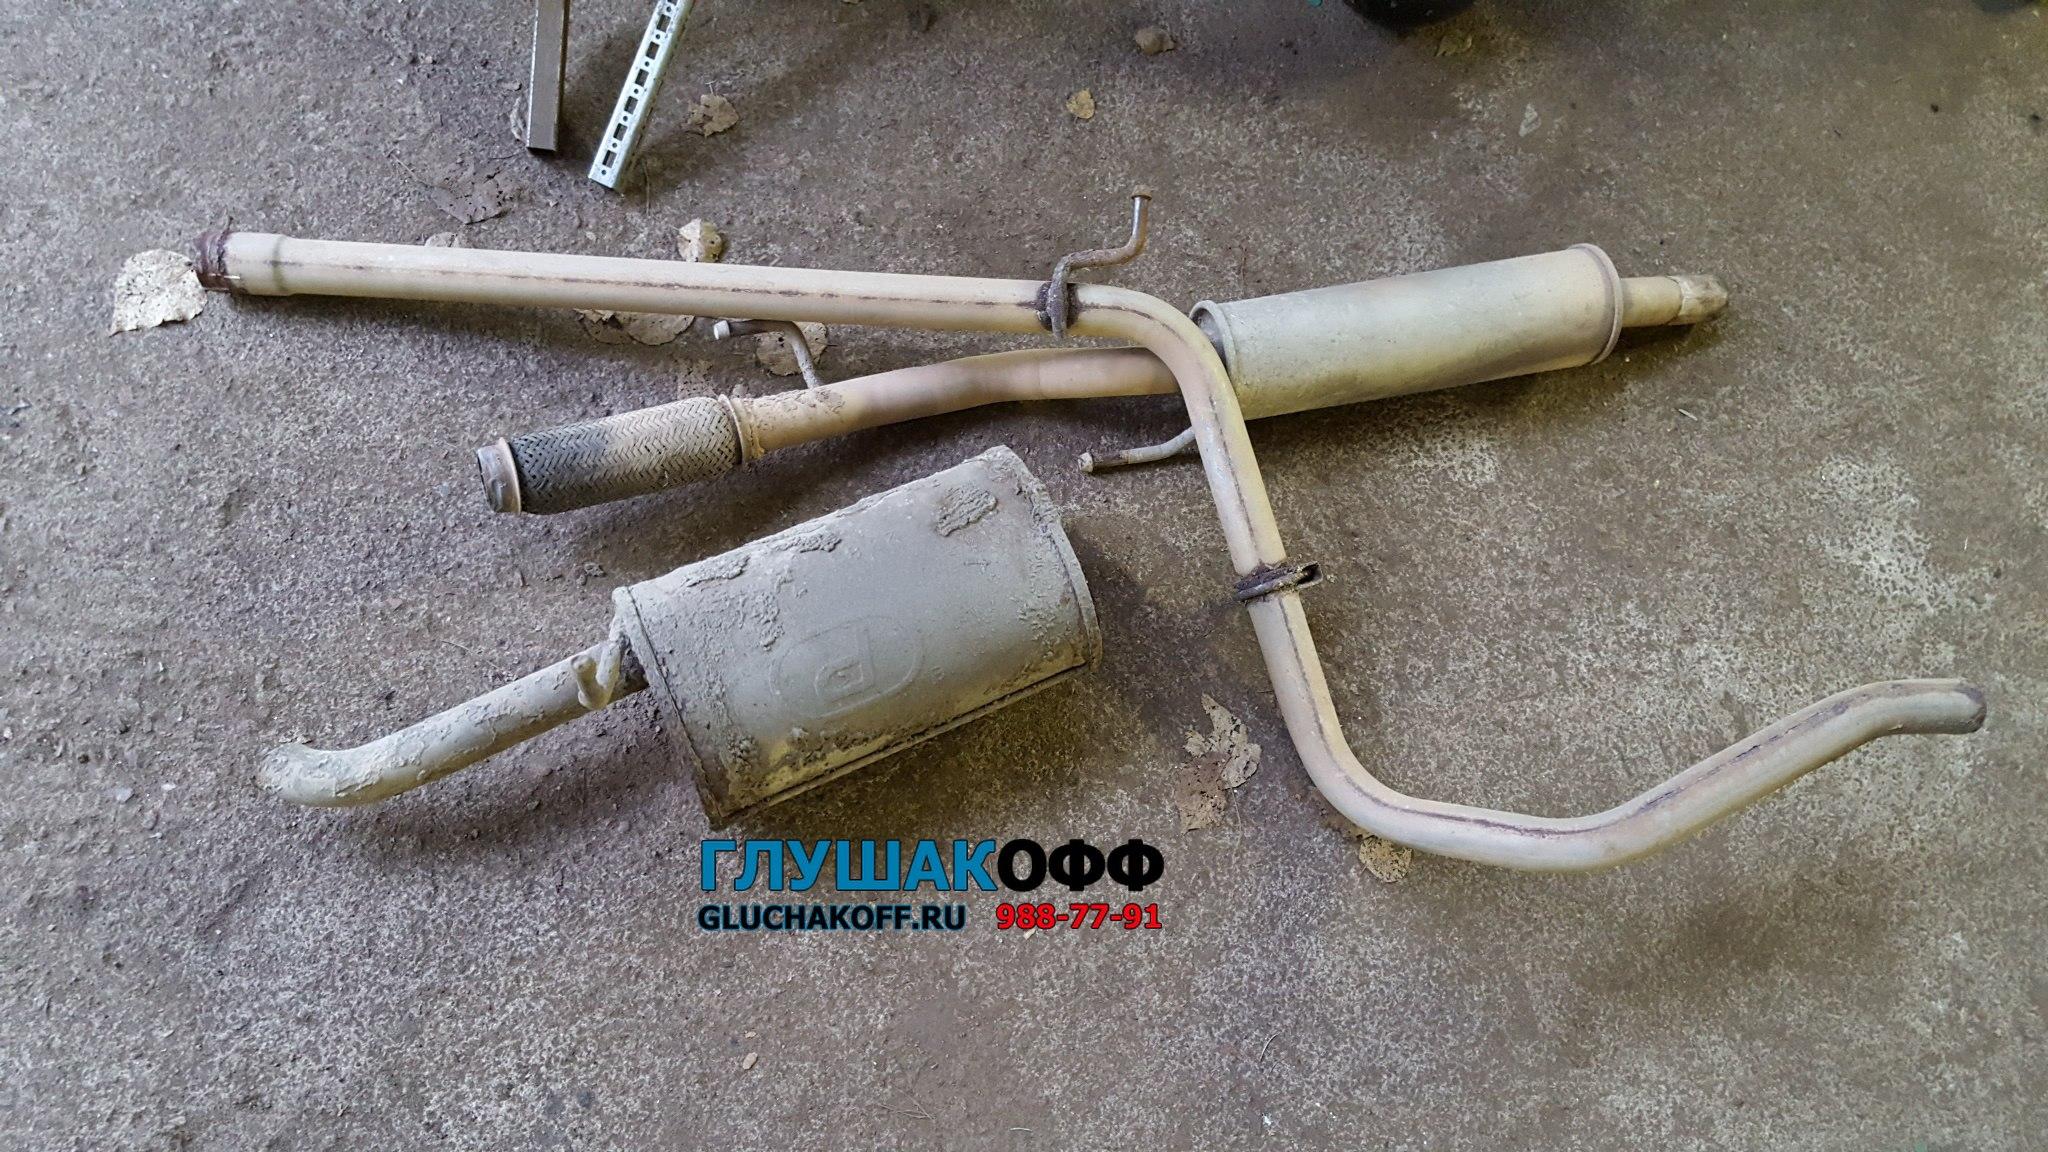 Тюнинг выхлопной системы - Škoda Fabia 1.2